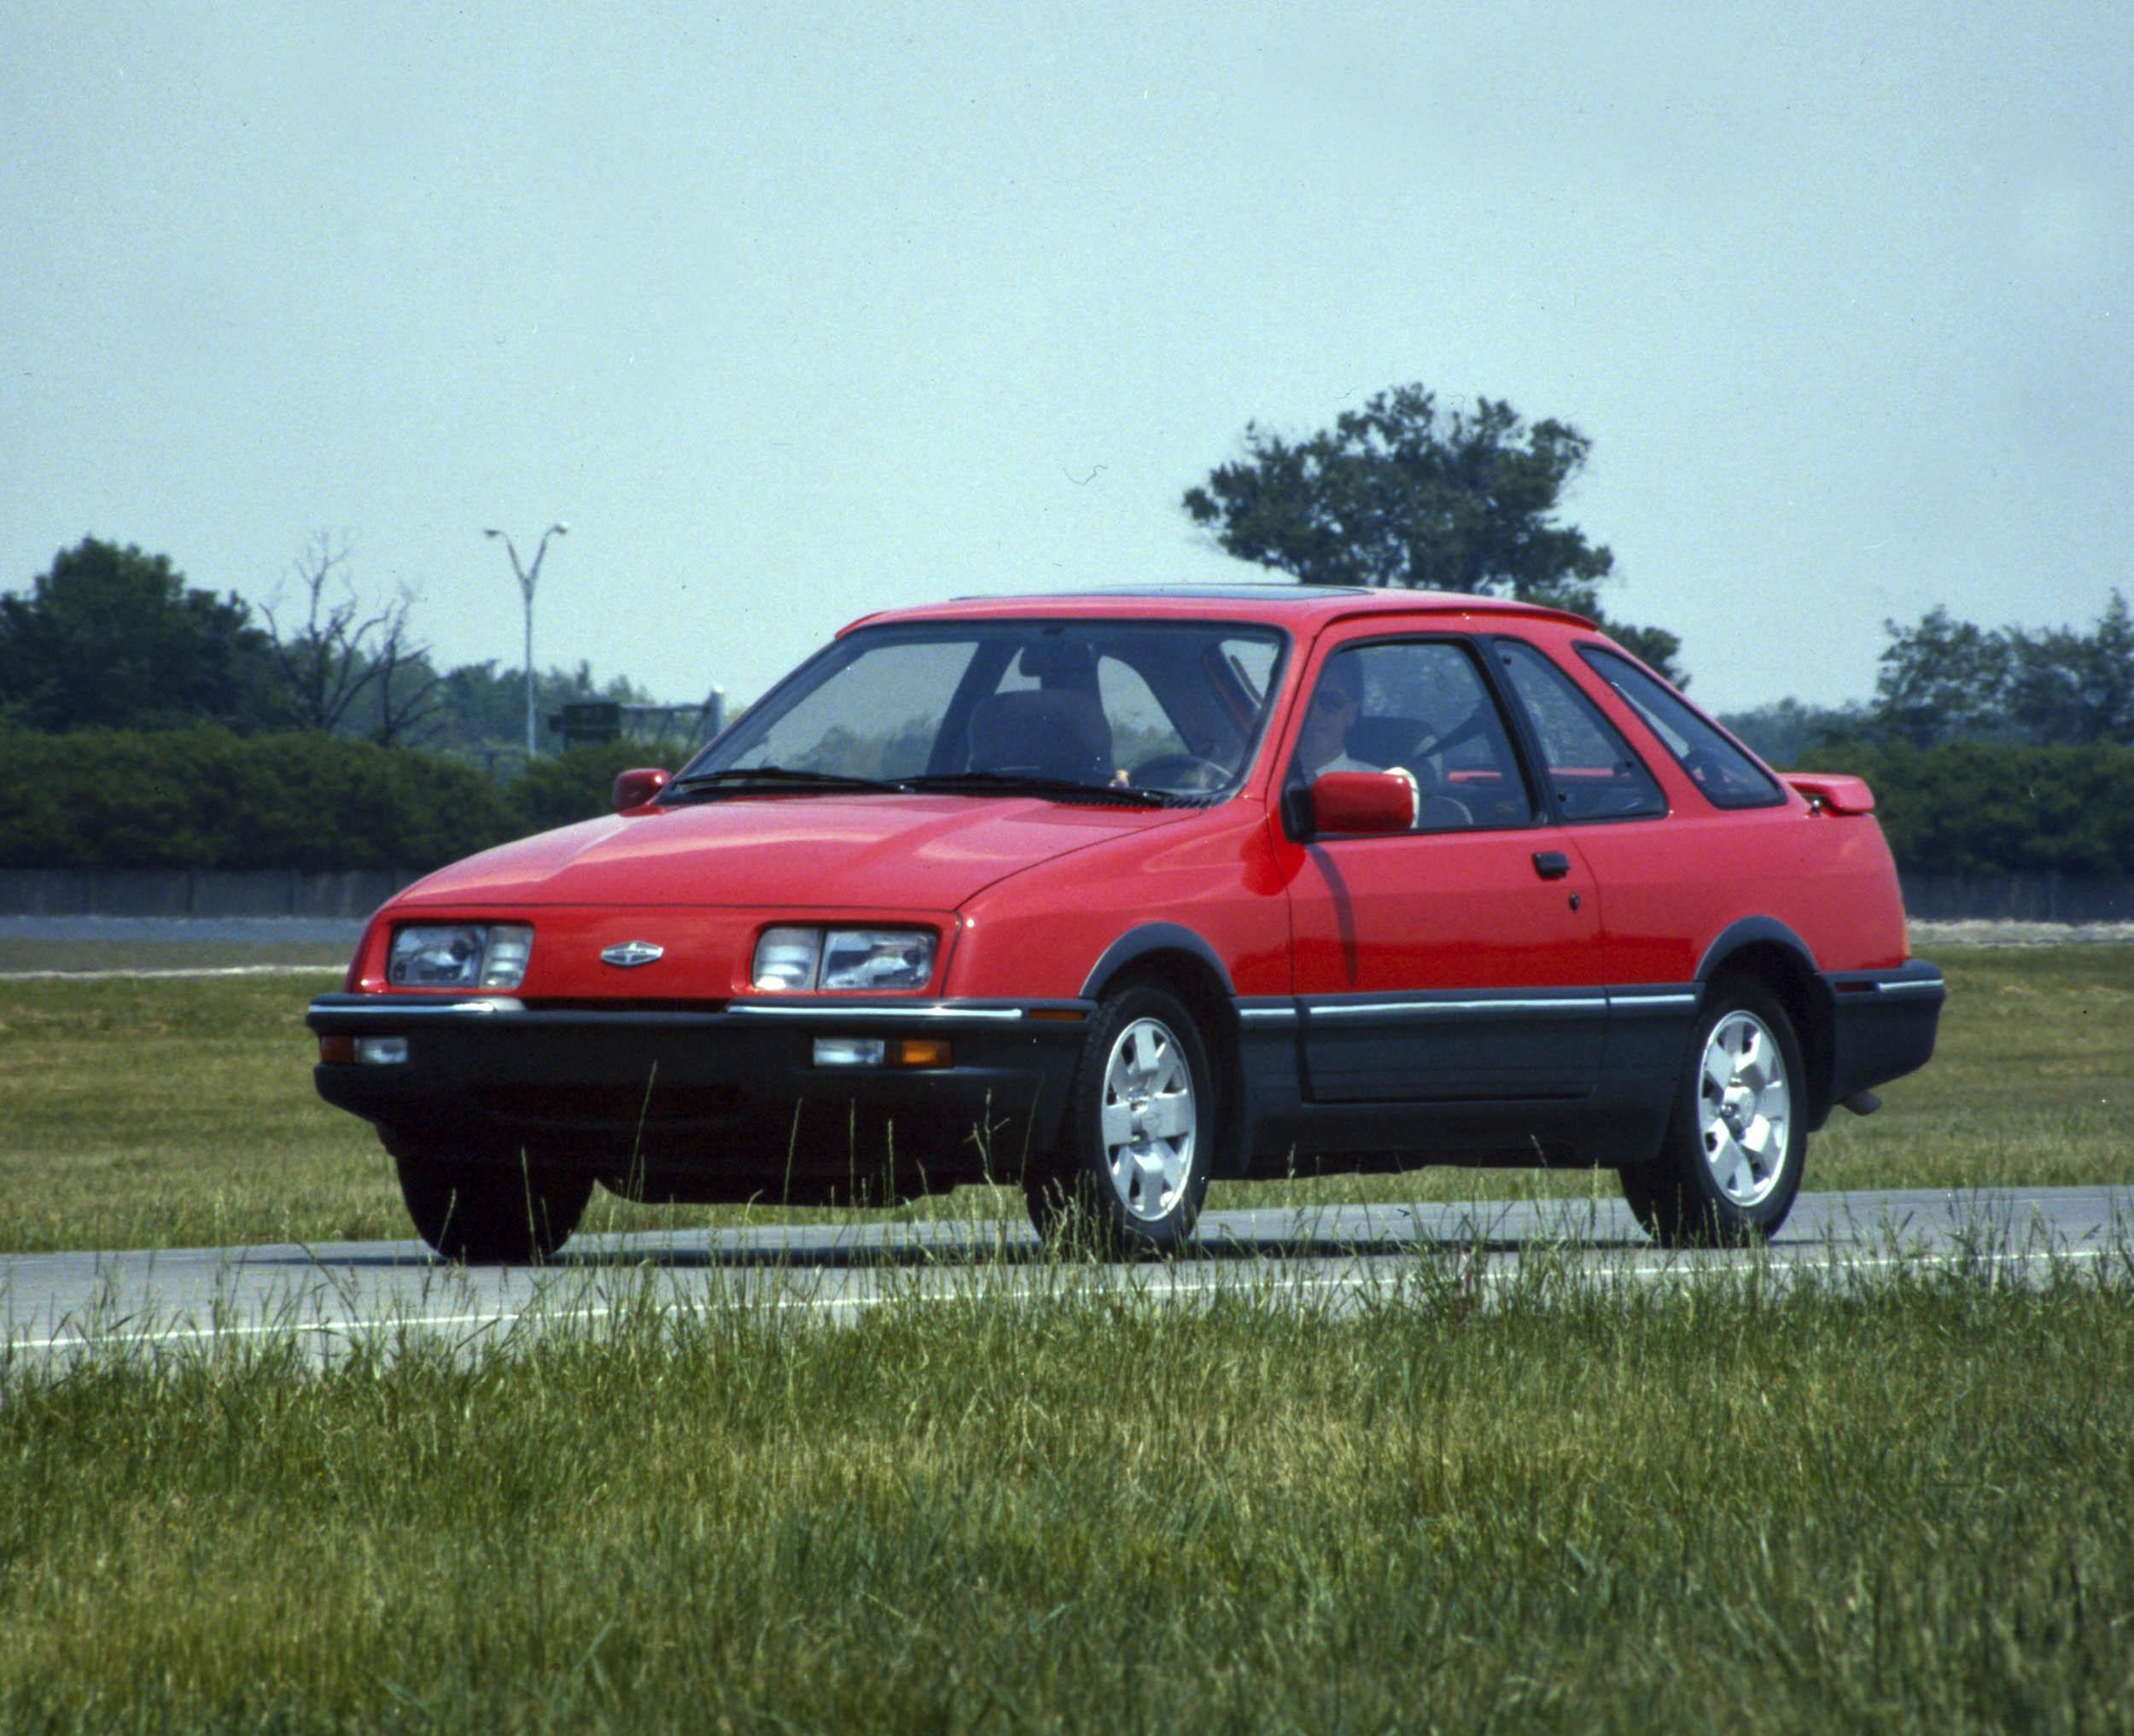 Red 1988 Merkur Scorpio